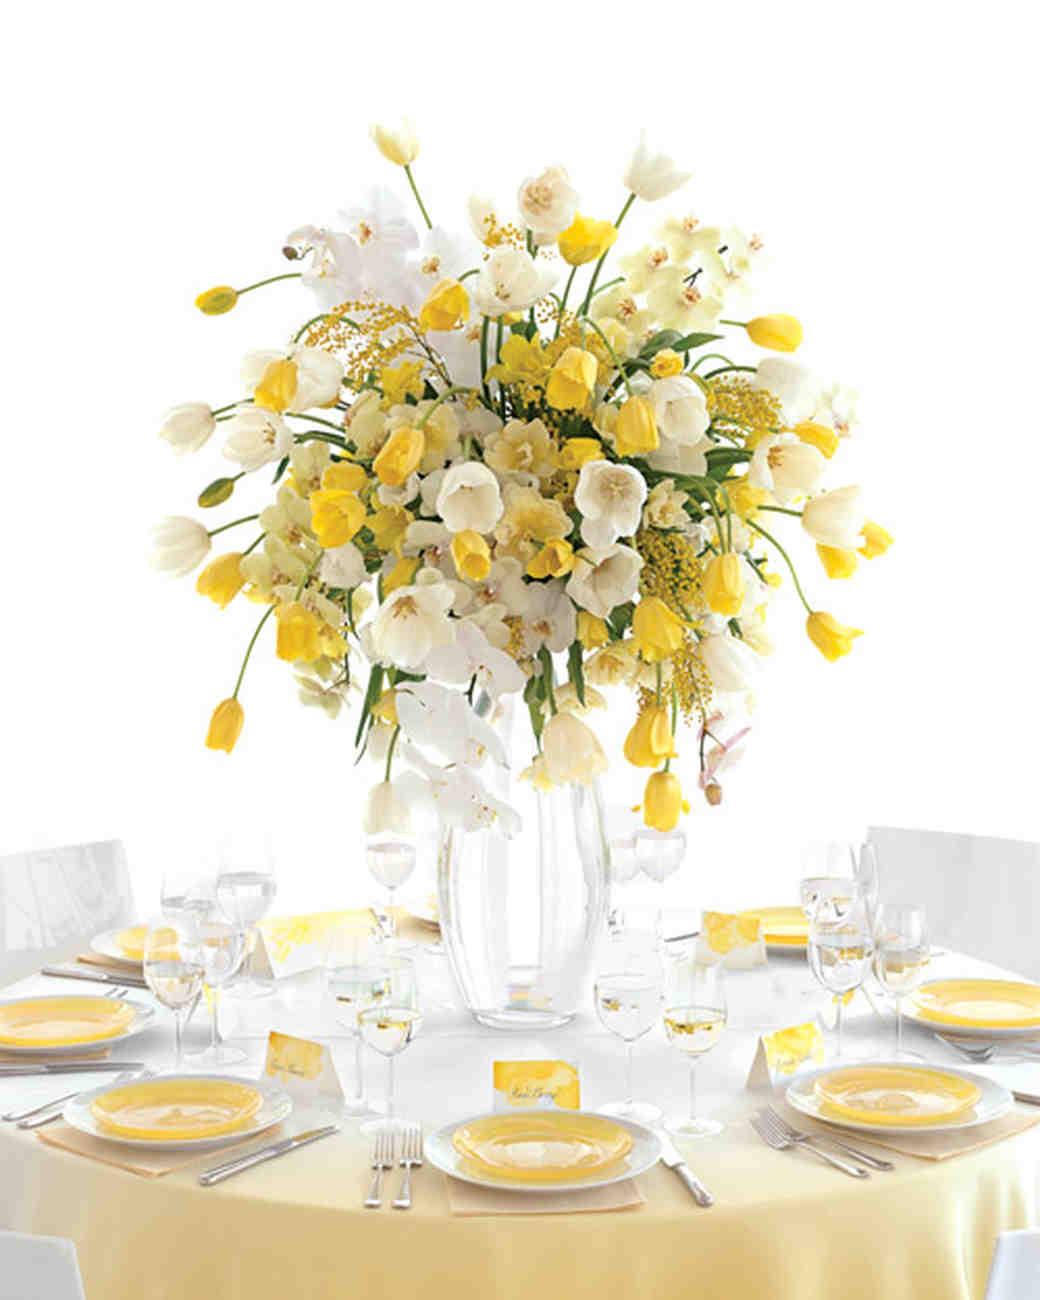 Mesas con flores amarillas, verdes y blancas